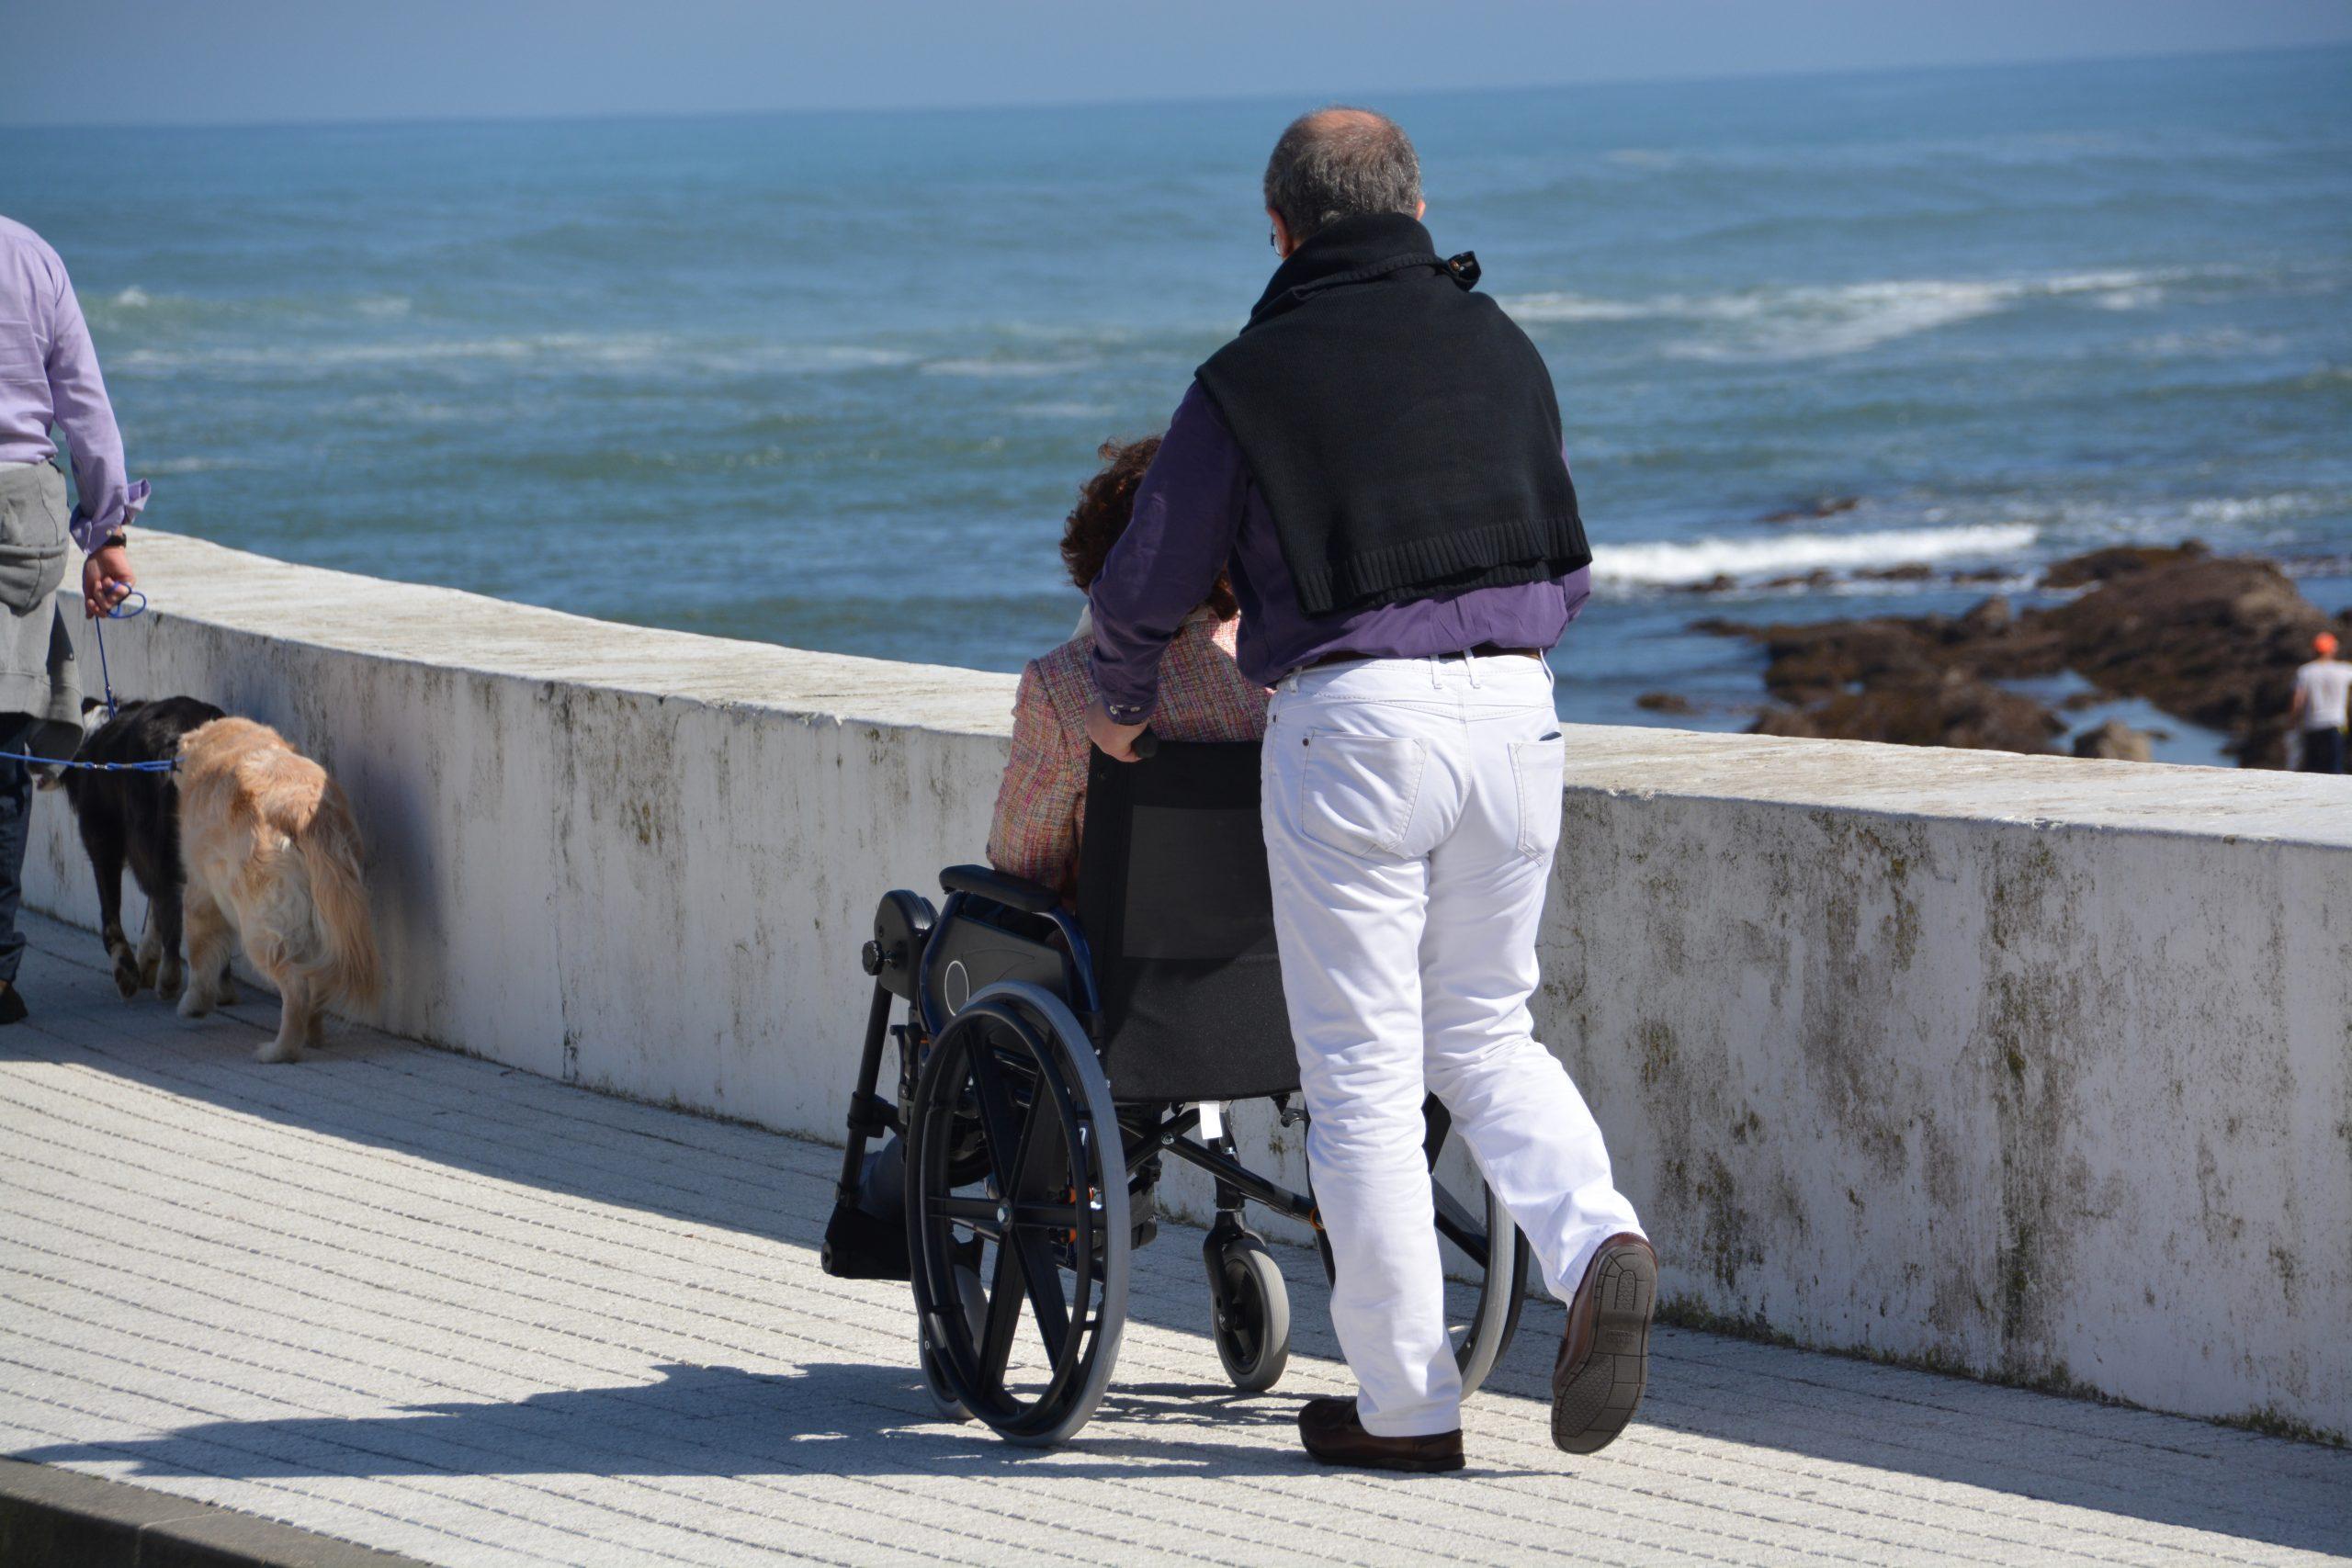 Mujer, mayor de 65 años y residente en Andalucía: el perfil de la persona dependiente en 2030